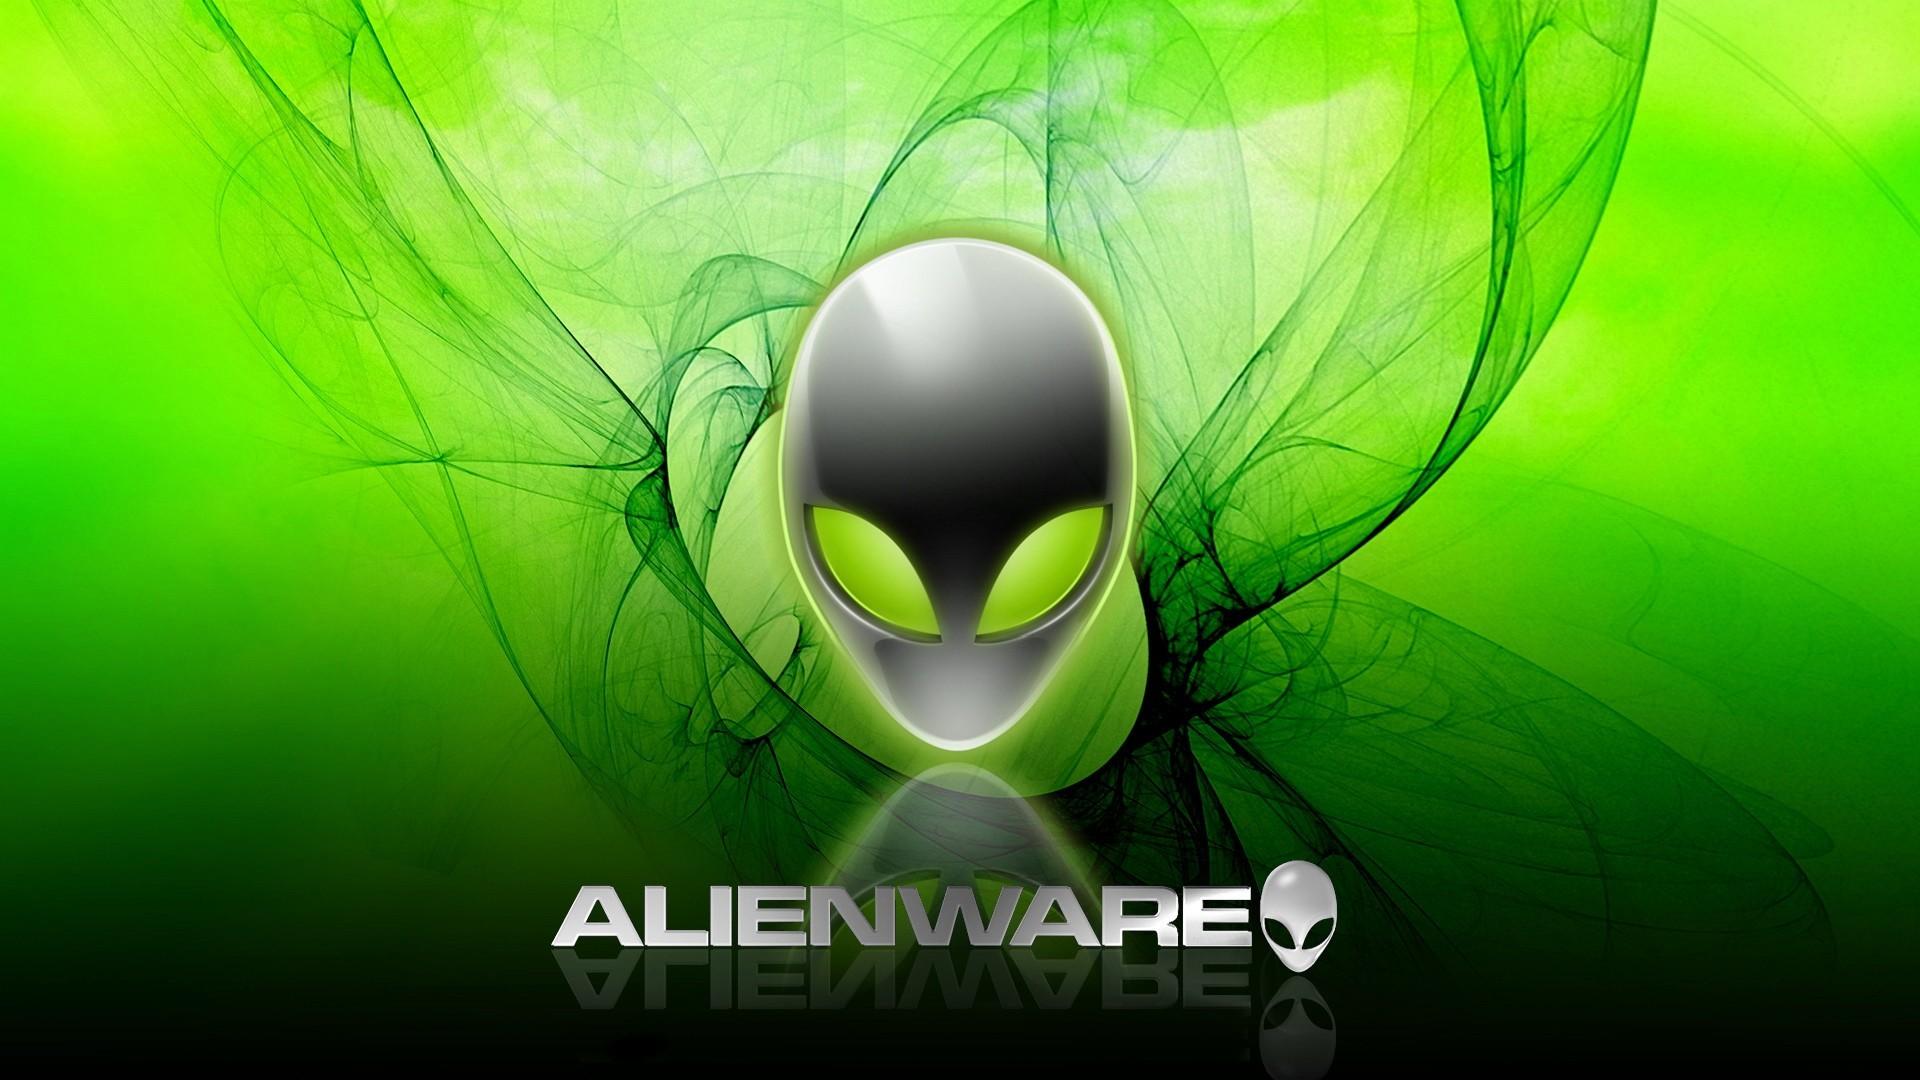 Alienware Wallpaper 1920X1080 wallpaper   1371531 1920x1080